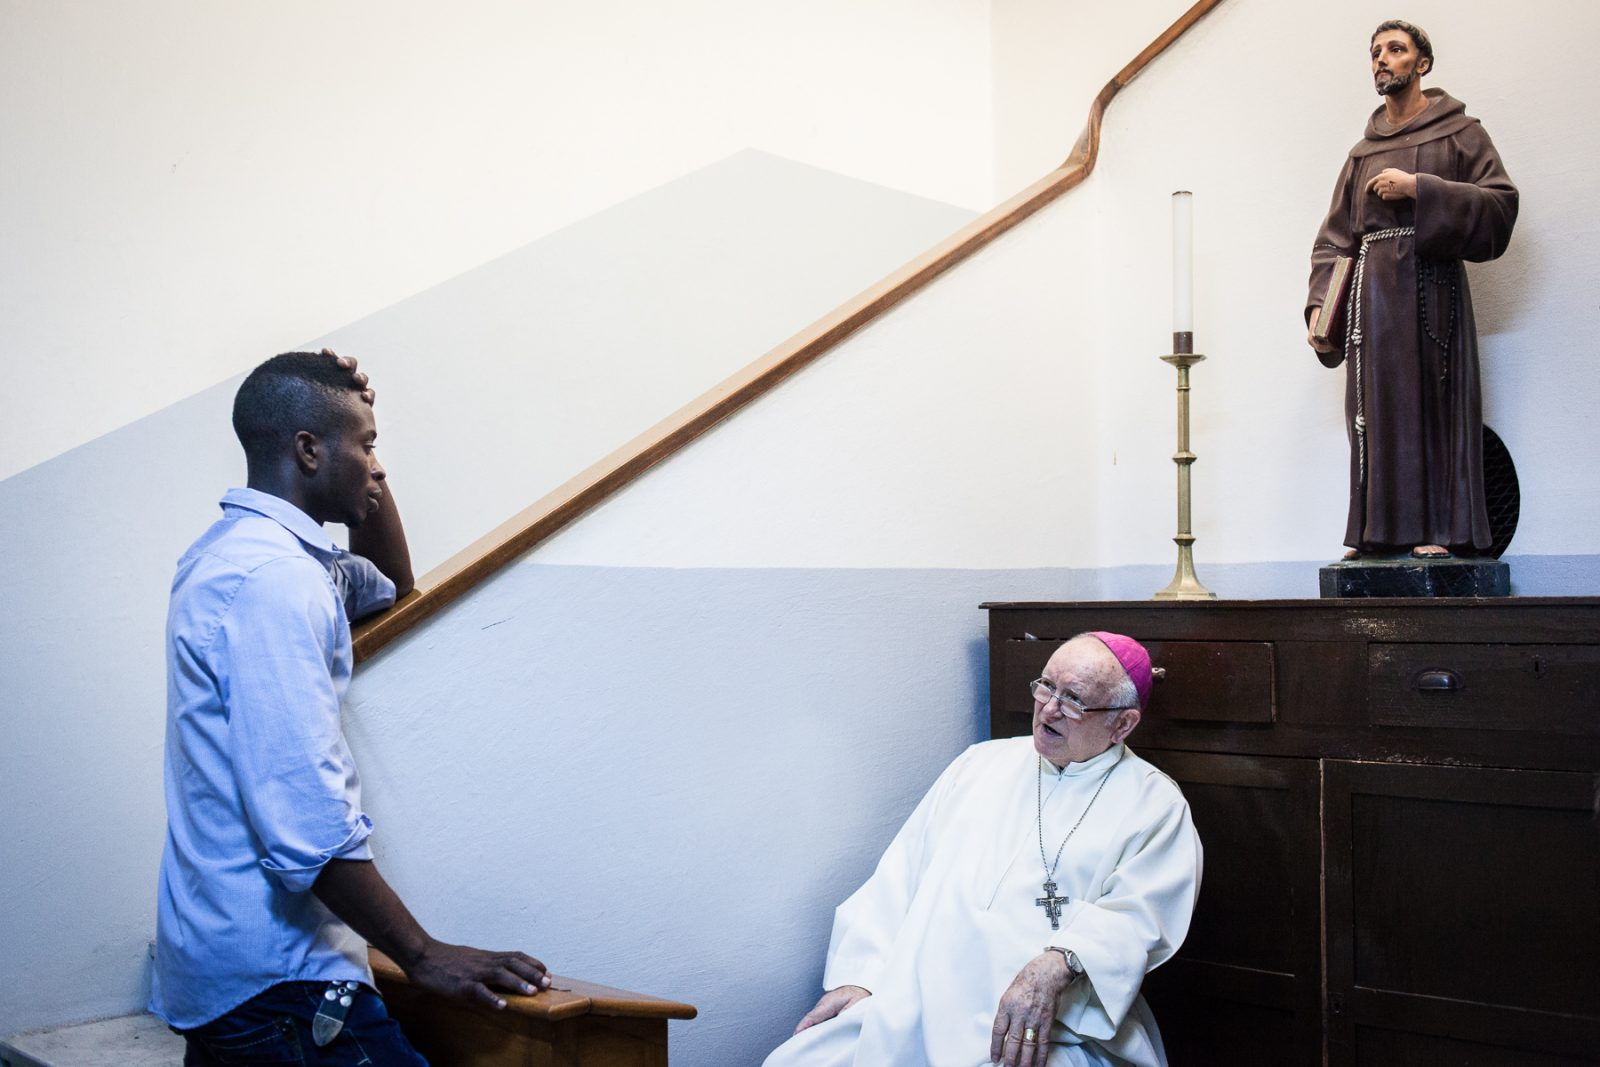 Tripoli, le 12 Juillet 2015. Le Vicaire apostolique de tripoli Mgr. Giovanni Martinelli, 73 ans, en poste depuis 1973 dans la paroisse de St François. Il constate une forte de baisse de la fréquentation de son église et du nombre de catholique pratiquants dans la ville, ainsi qu'une baisse de la sécurité depuis la chute de Kadhafi.  Tripoli, July 12, 2015. The Apostolic Vicar of Tripoli Mgr. Giovanni Martinelli, 73, in office since 1973 in St Francis church. He observes a sharp drop in attendance in his church and the number of Catholic practitioners in the city  since the fall of Gaddafi.